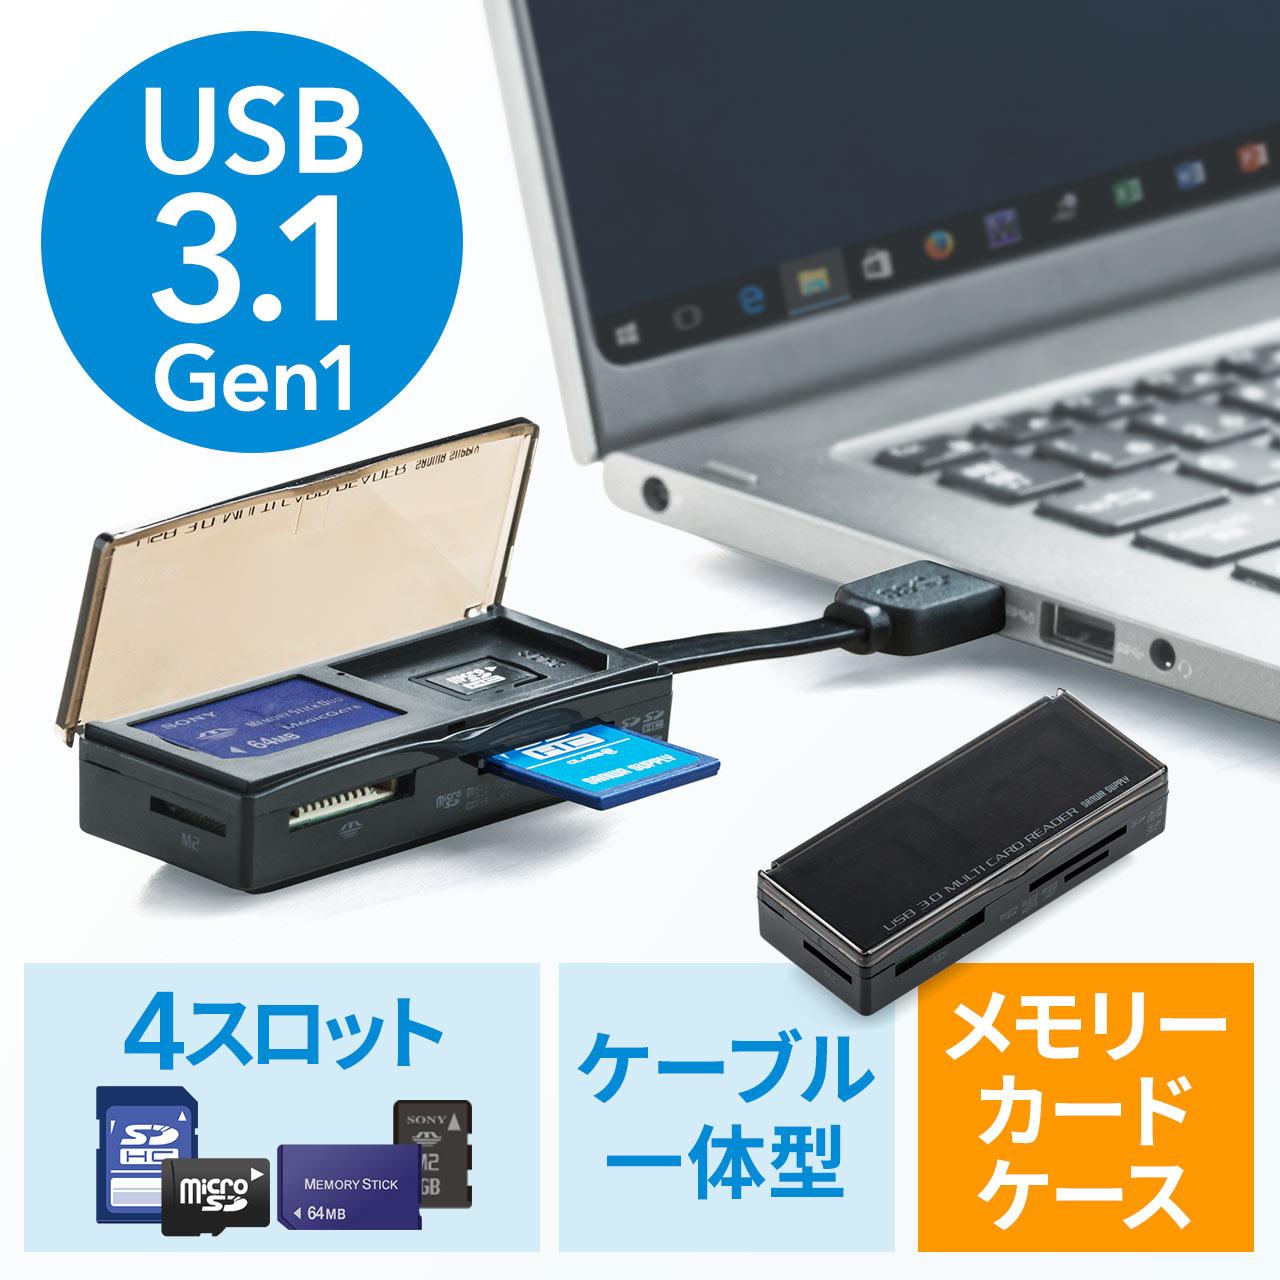 サンワダイレクトで買える「メモリーカードケース付きカードリーダー(SD・microSD・メモリースティック・M2・メモリケース・USB3.1 Gen1 Aコネクタ) サンワダイレクト サンワサプライ 400-ADR316BK」の画像です。価格は1,600円になります。